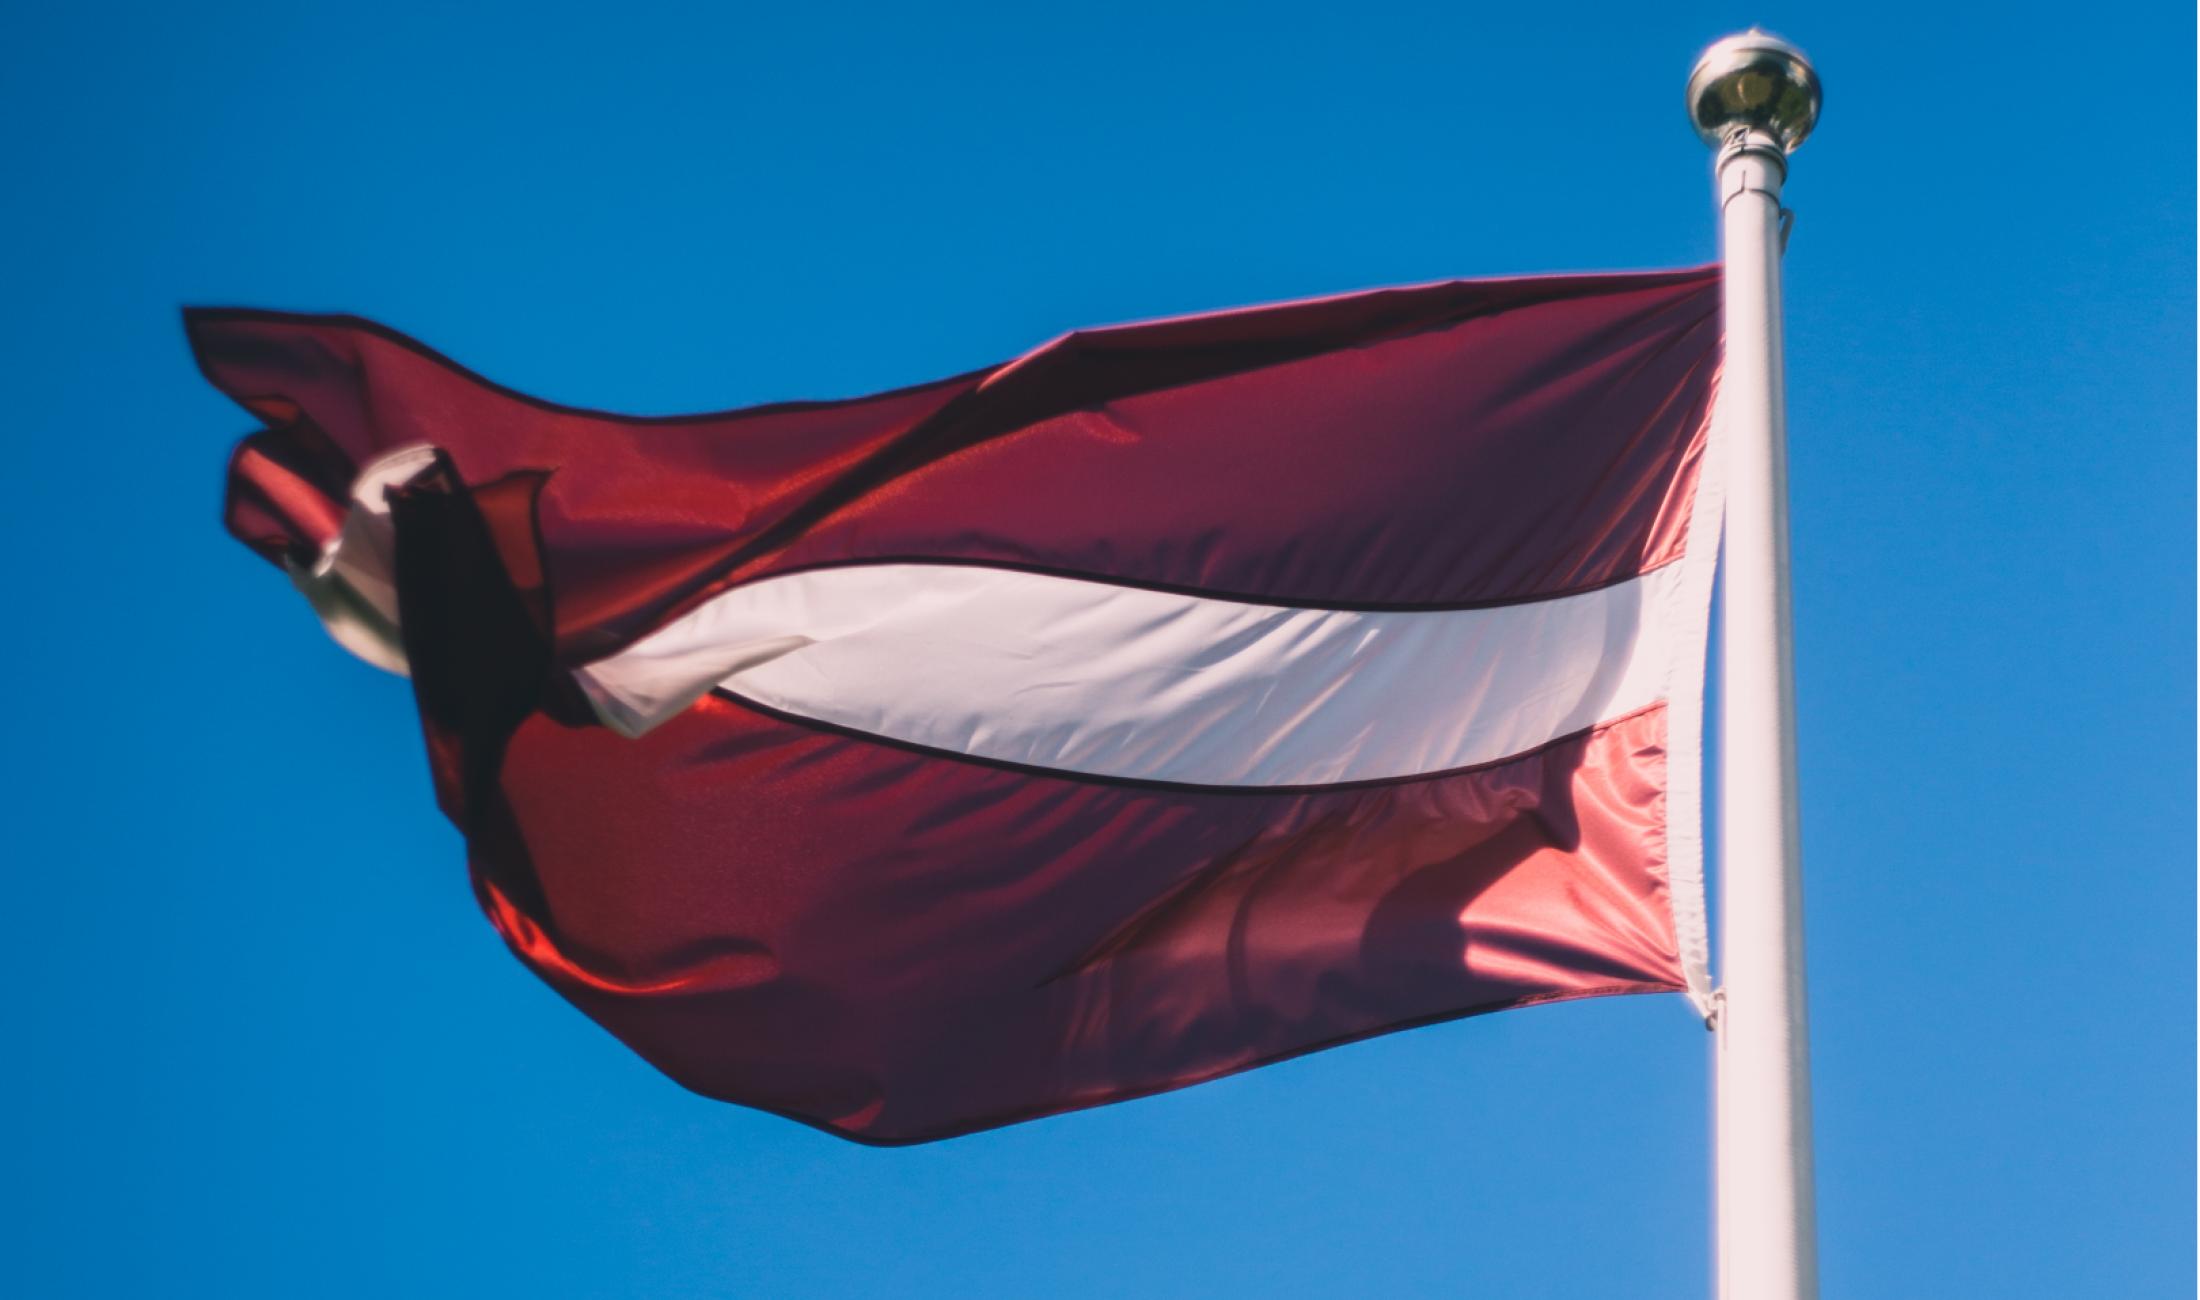 Voi Latvejis vaļsts himnu dreikst dzīduot latgaliski?